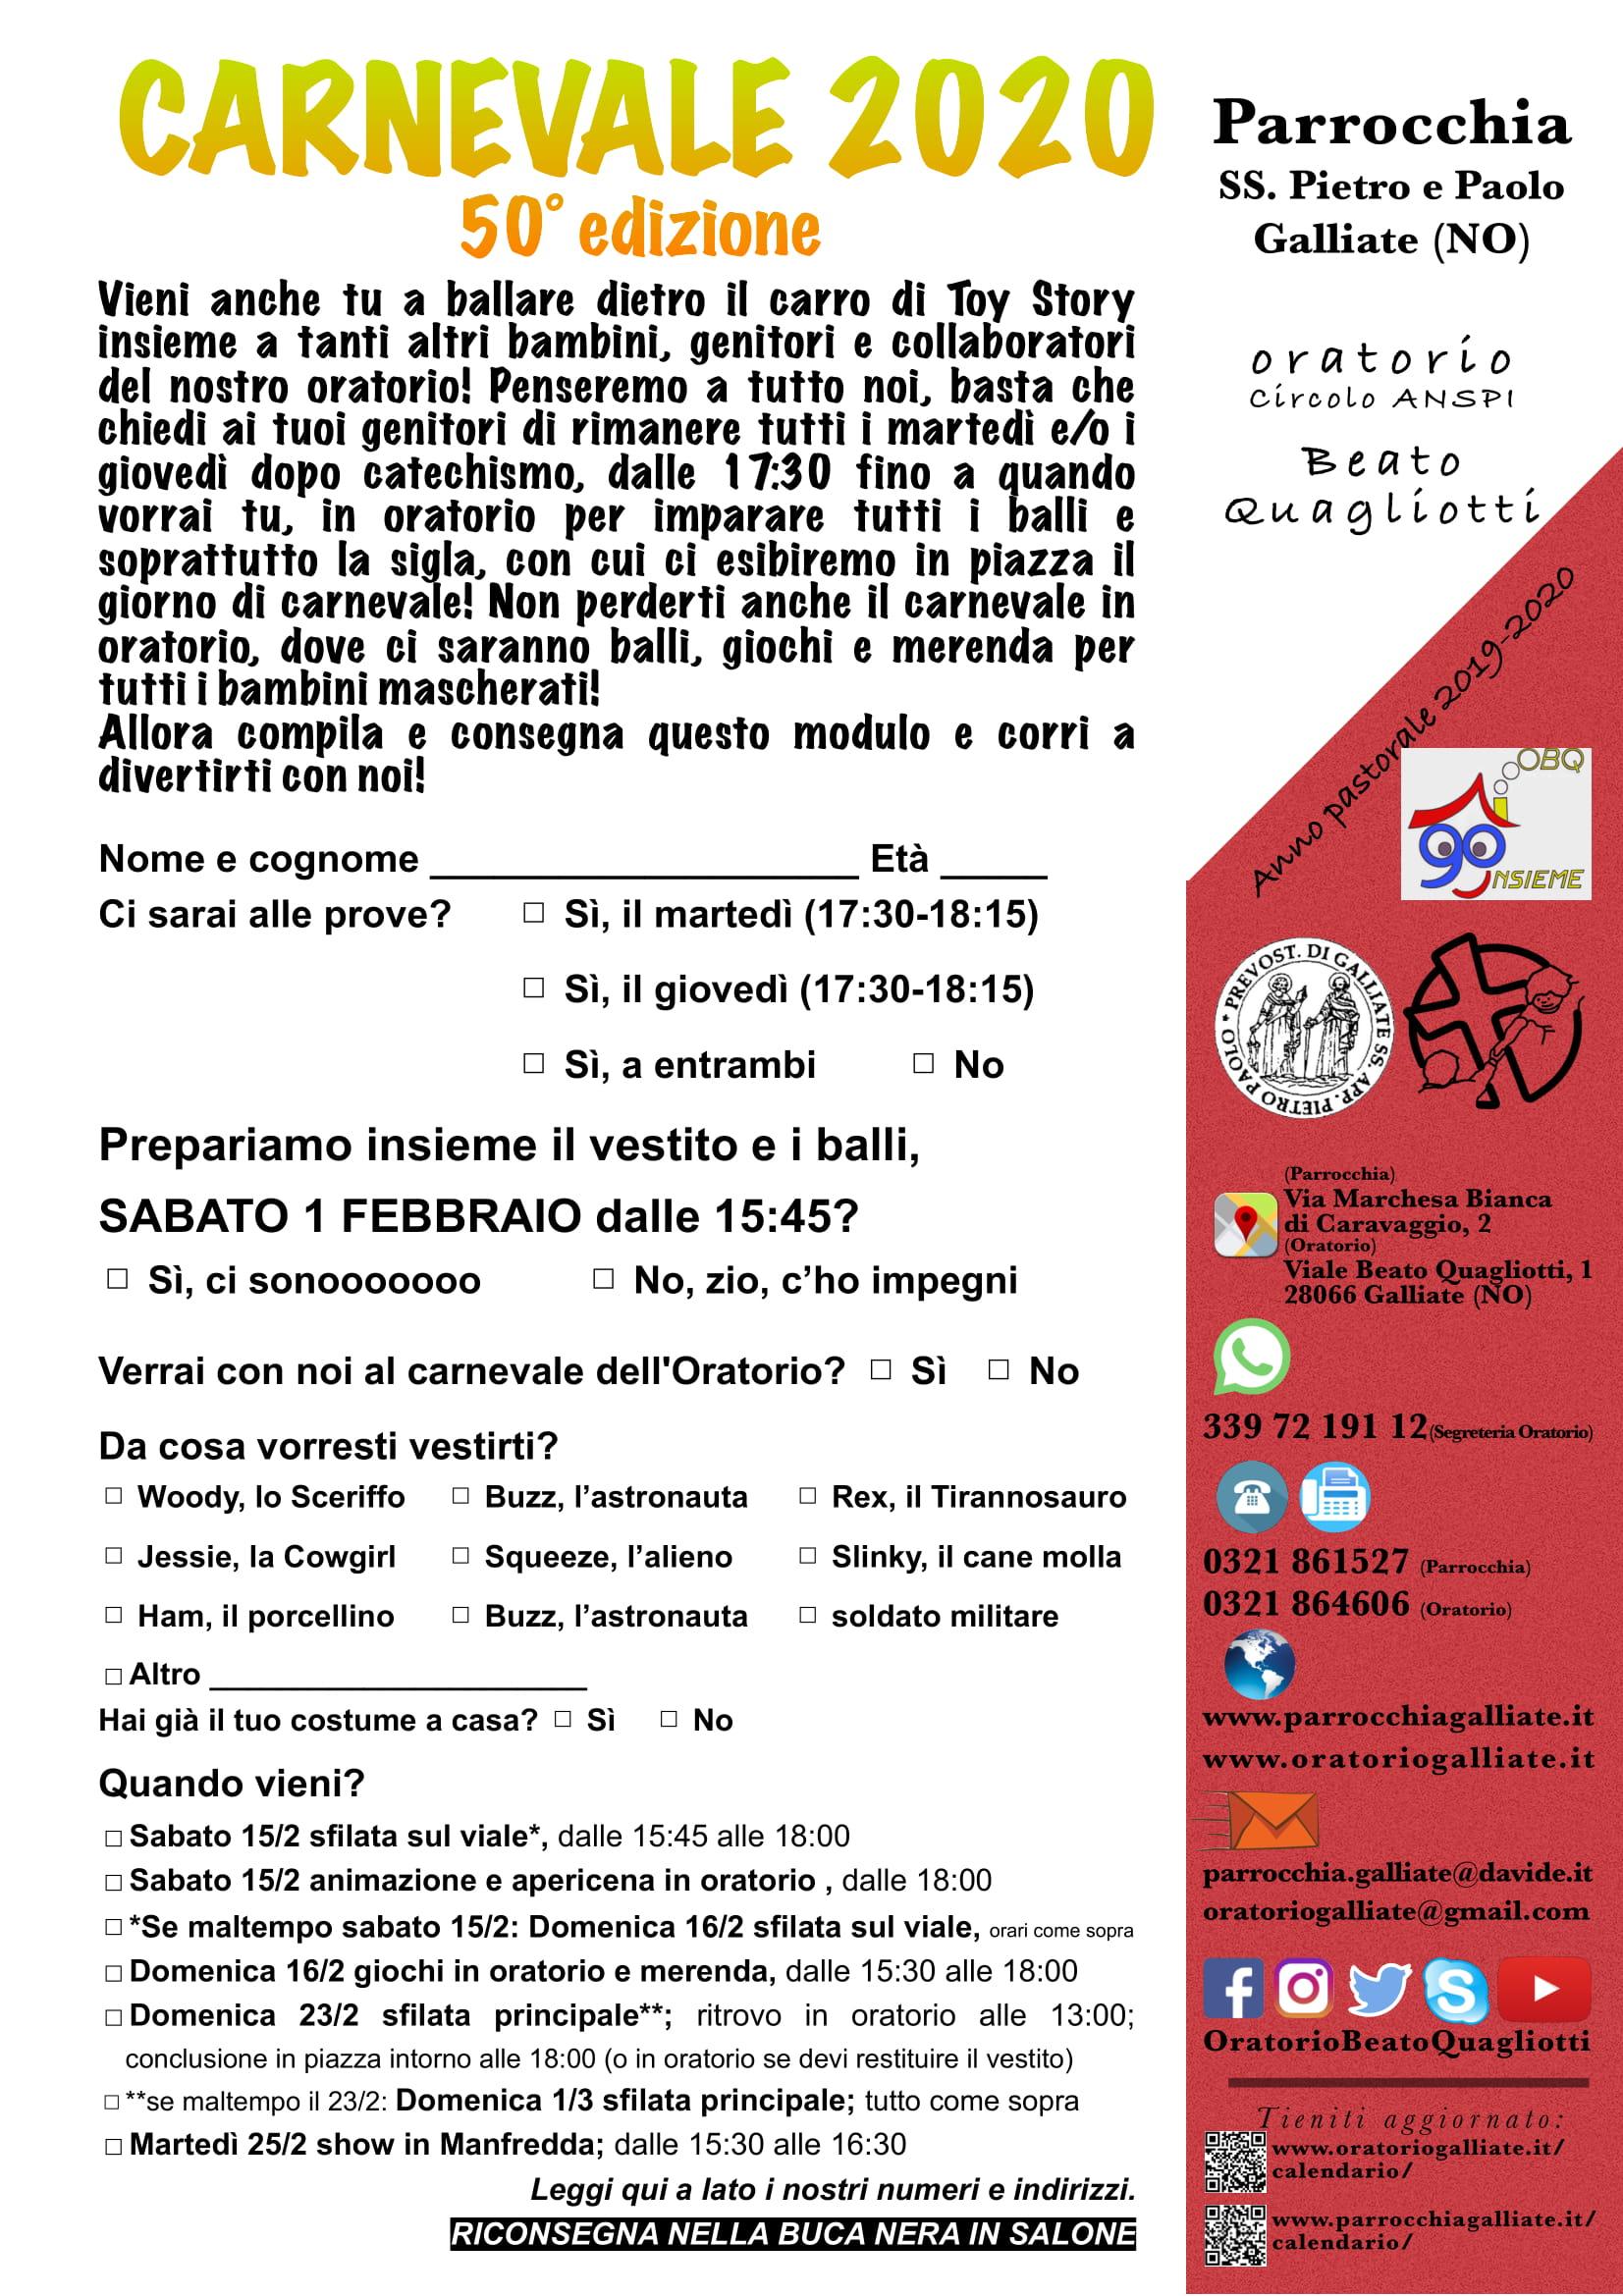 bo200200-CarnevaleOratorio_ManifestoInvito____-2